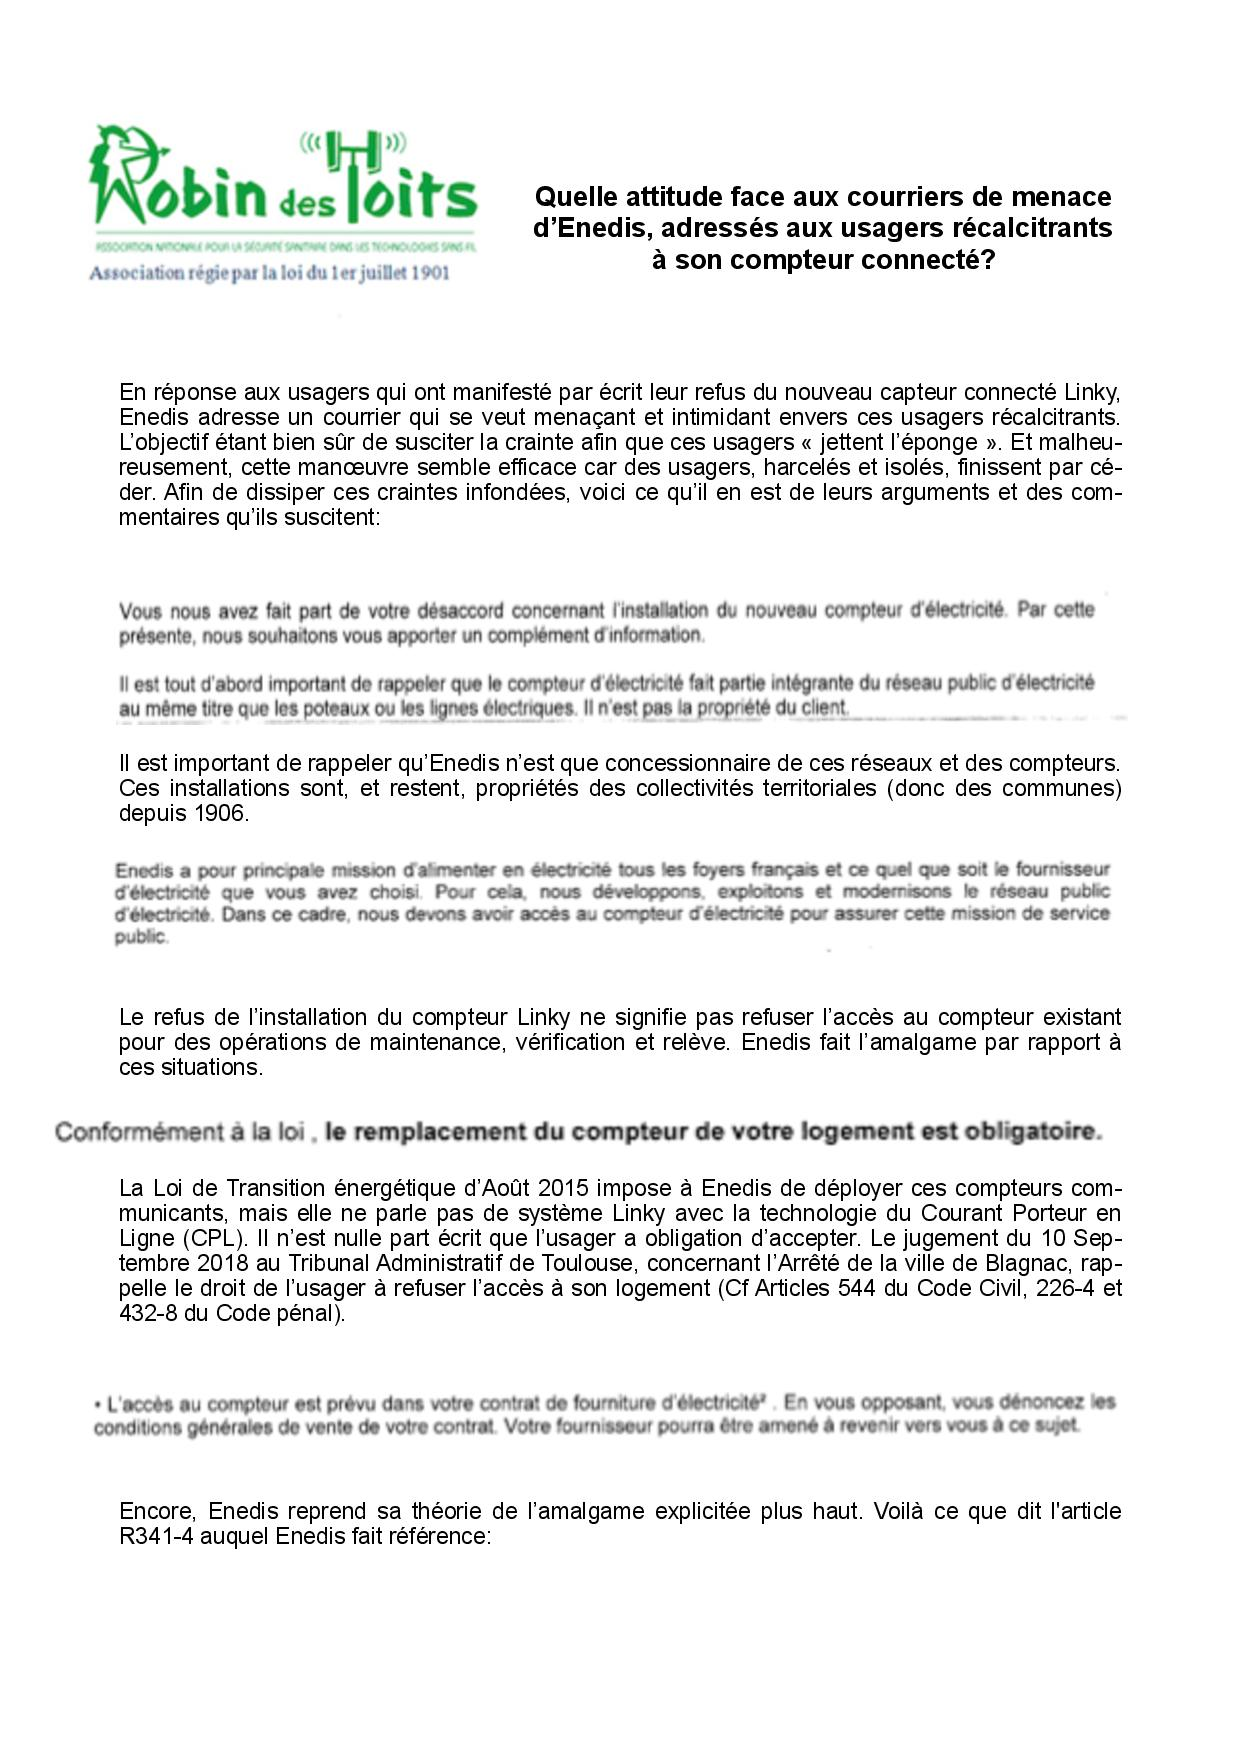 En réponse aux courriers de menace d Enedis version RDT-2 2-page-001.jpg